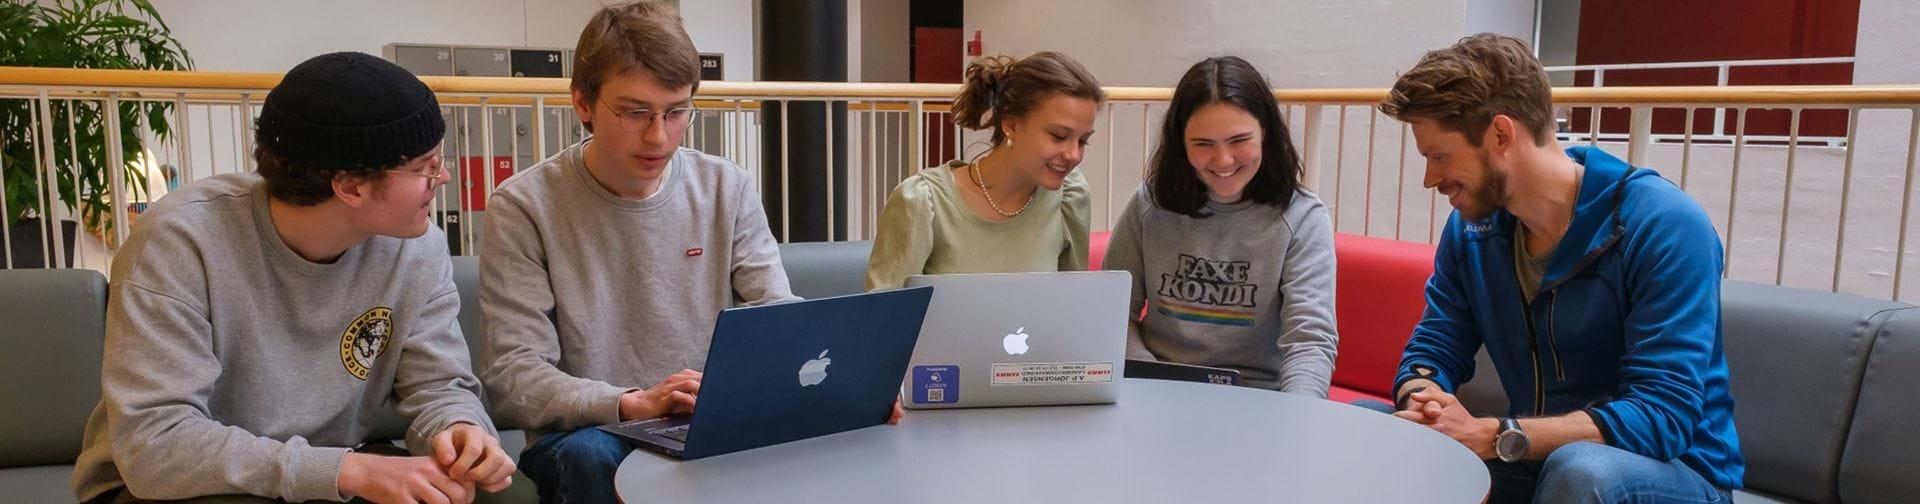 Elever som laver gruppearbejde